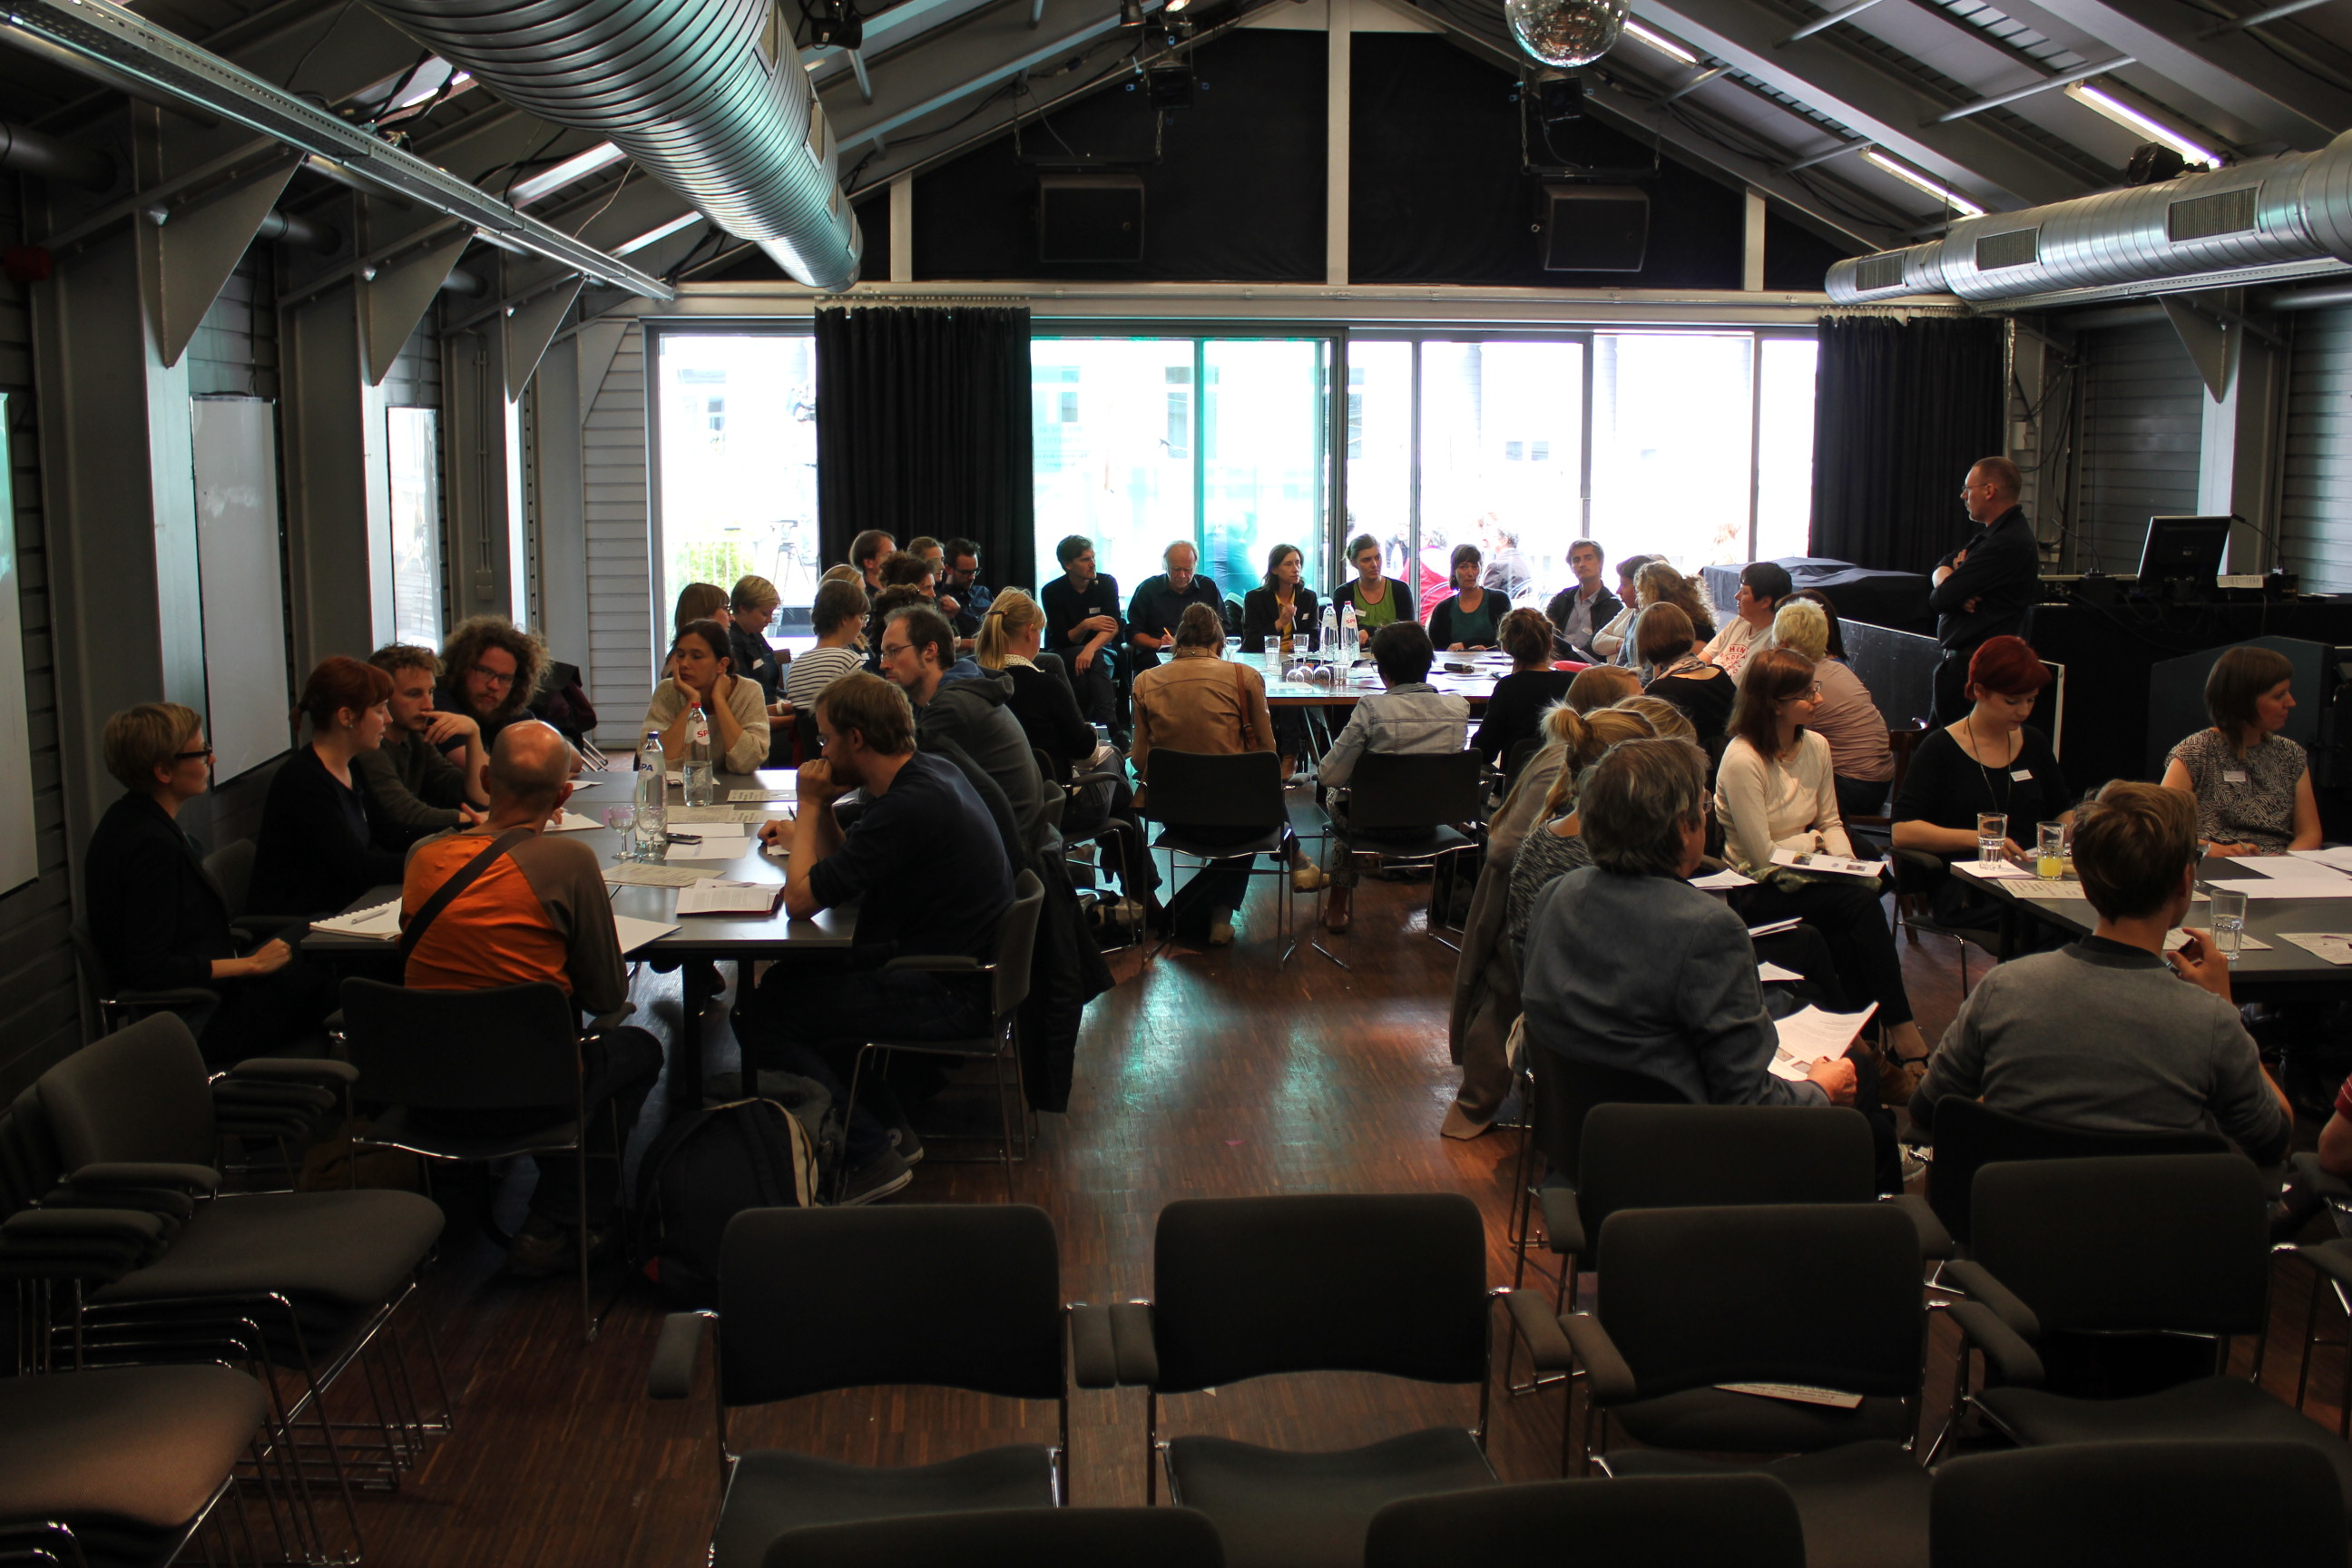 Op 18 juni 2014 kwamen meer dan 100 geïnteresseerden uit de kunsten- en de cultureel erfgoedsector bijeen in de Beursschouwburg voor een inspirerende namiddag over het erfgoed van de kunstensector. Een verslag van een interessante namiddag.